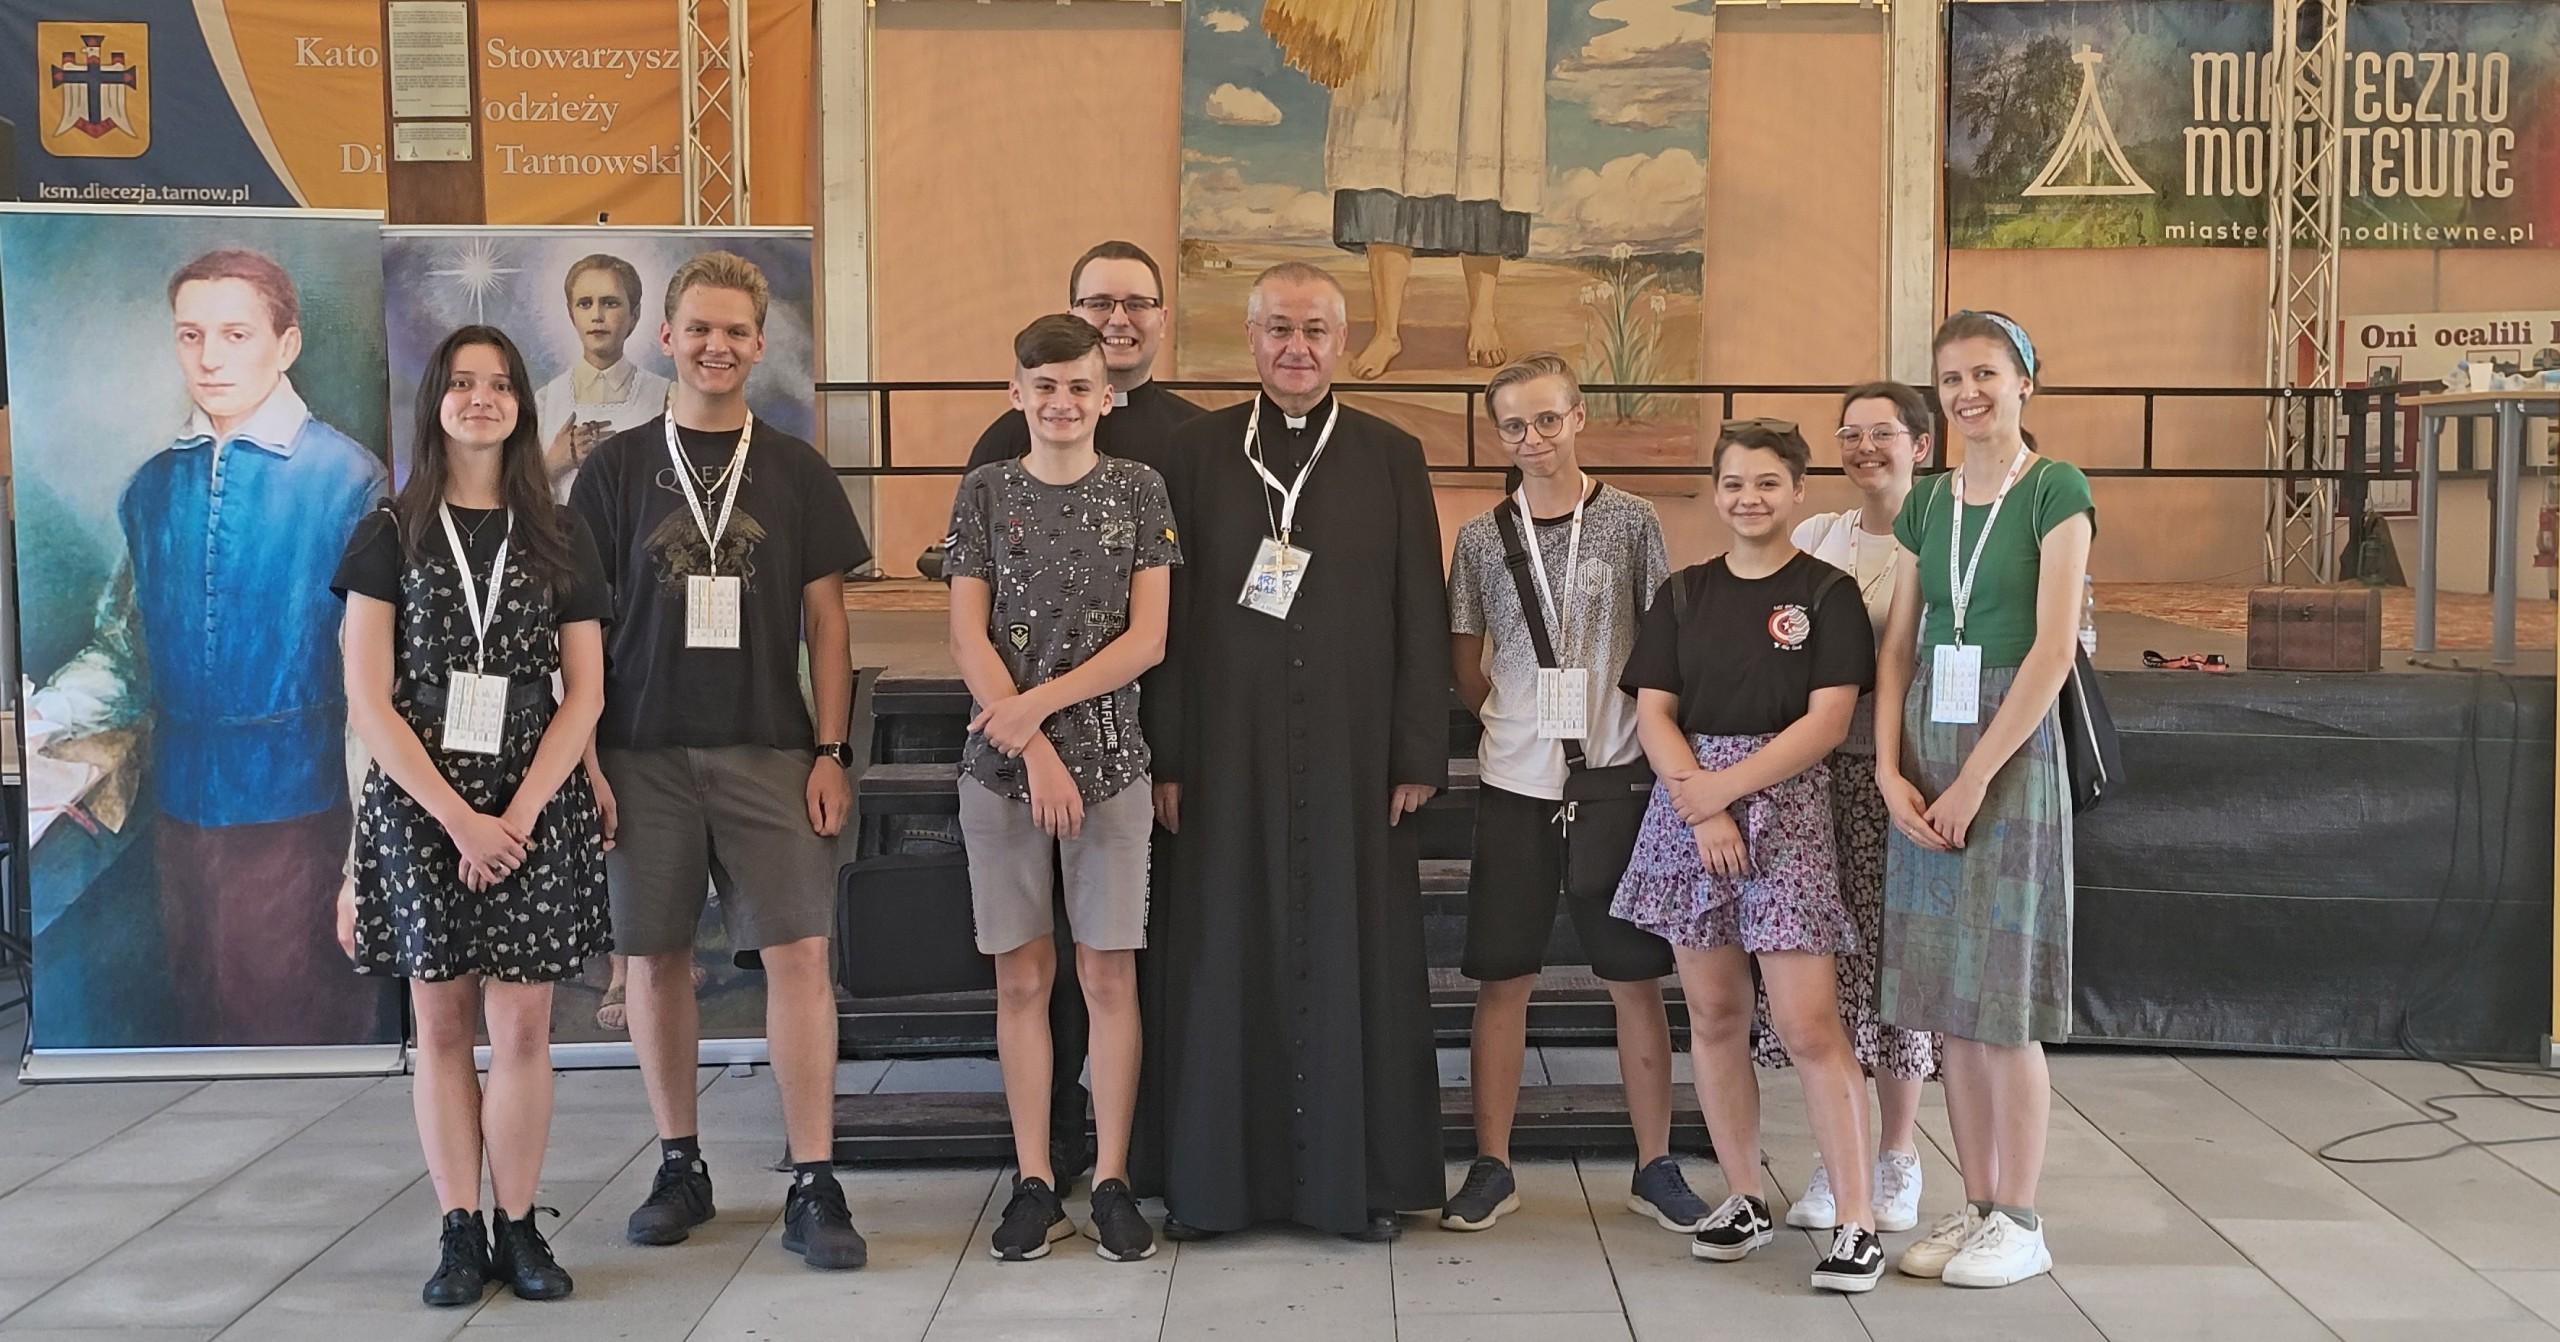 Młodzież z Biskupem Arturem Ważnym